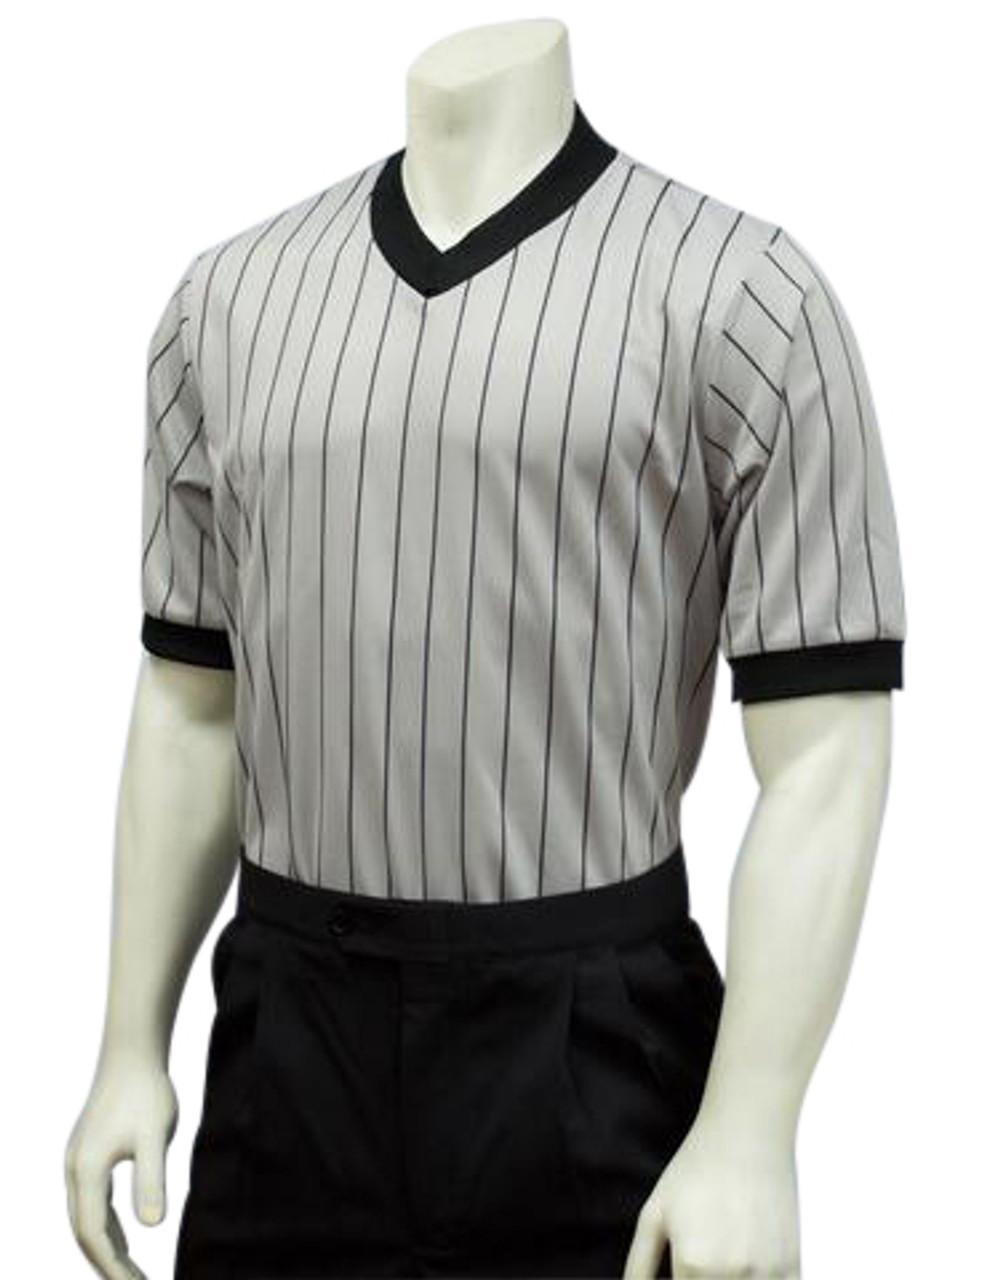 Smitty Ultra Mesh Grey Basketball Referee Shirt